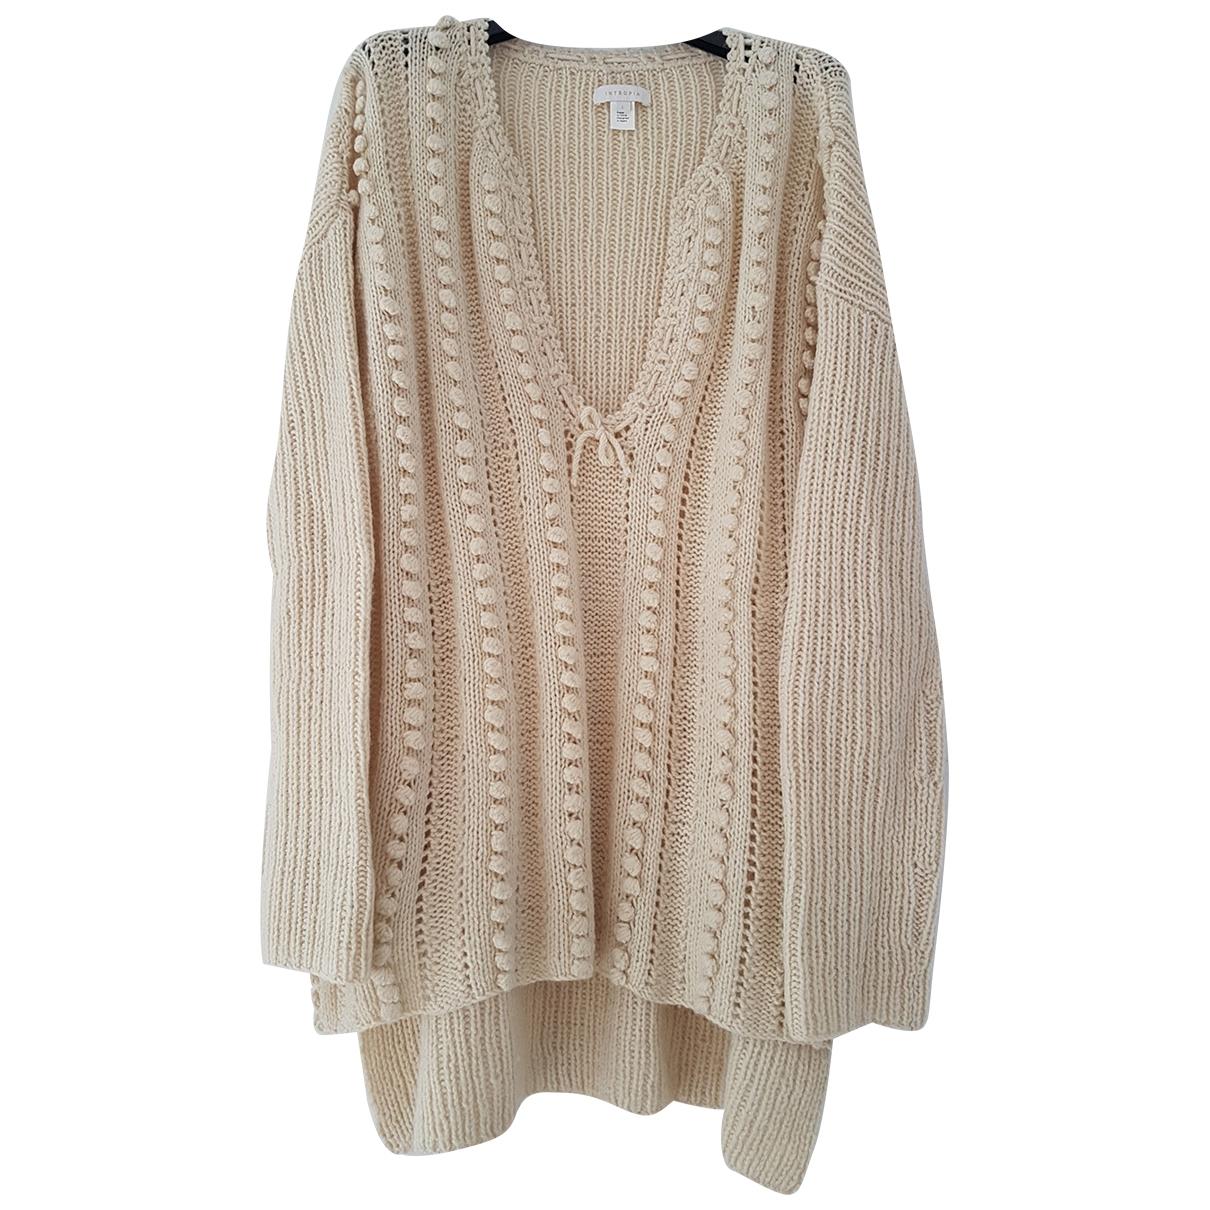 Hoss Intropia \N Beige Wool dress for Women L International